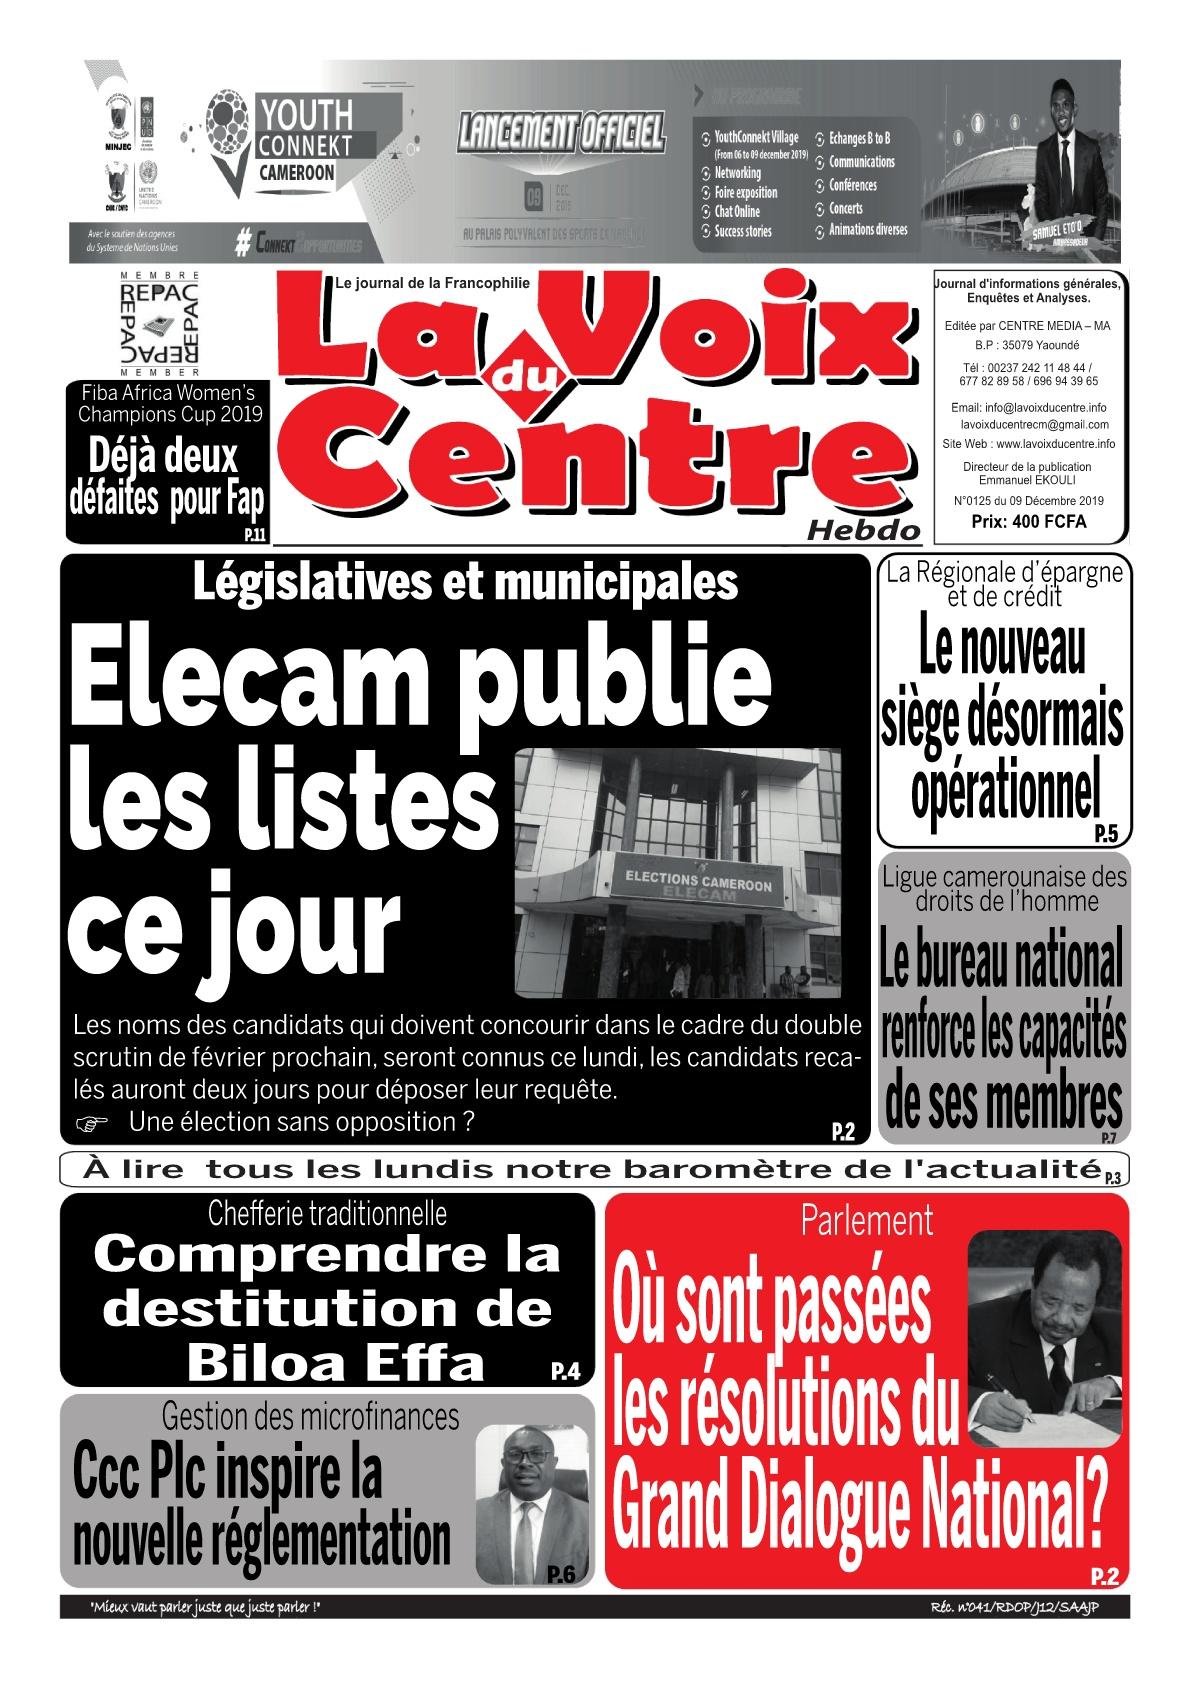 LA VOIX DU CENTRE - 09/12/2019